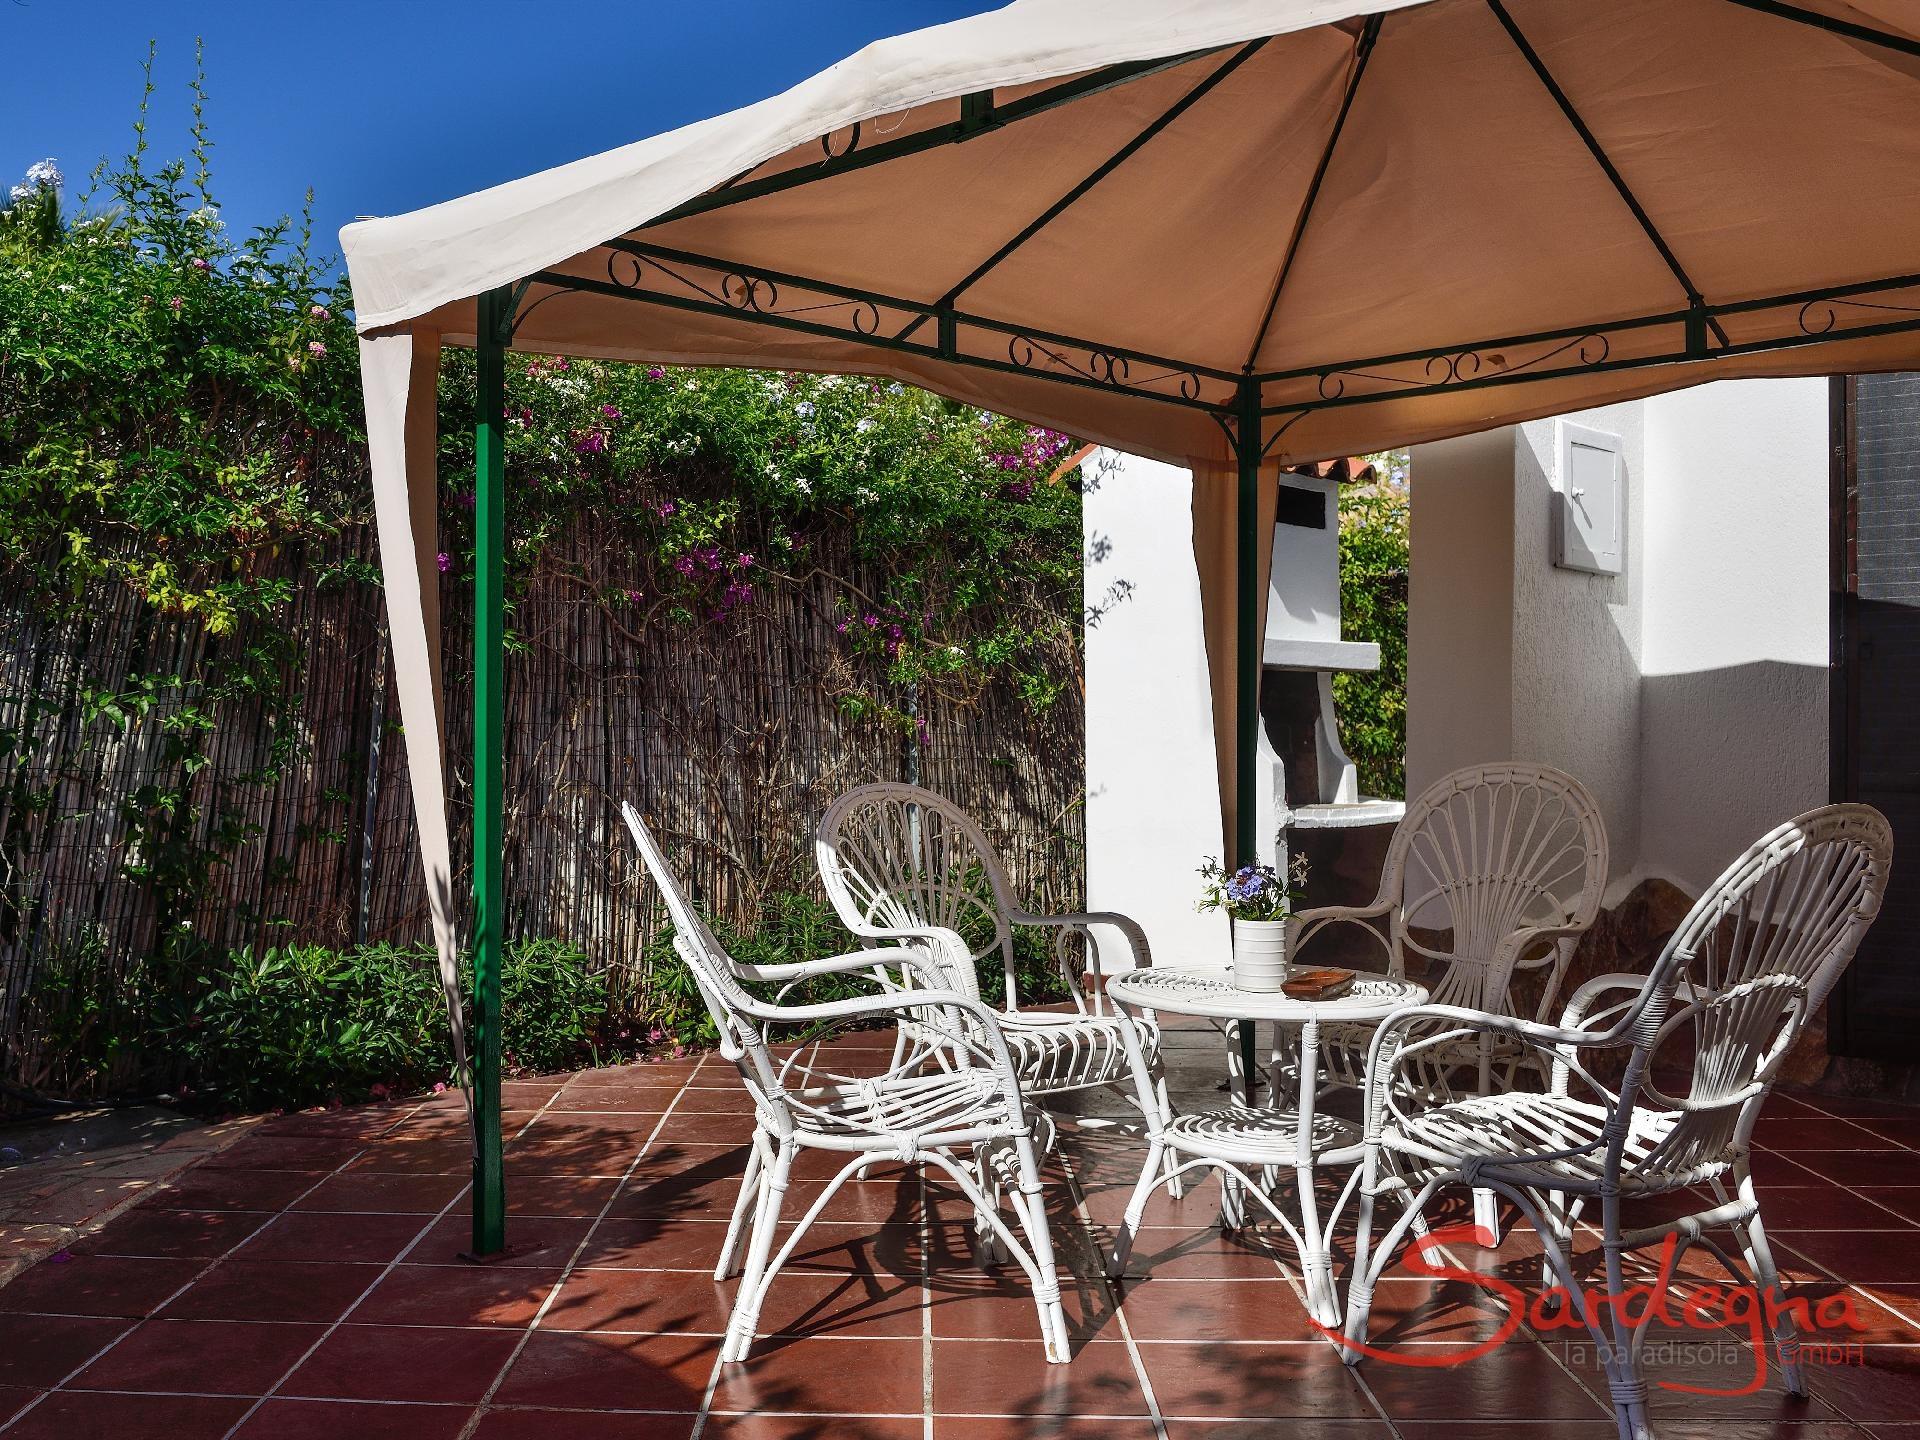 pe pavillon planet pe pavilion planet planet pavillon. Black Bedroom Furniture Sets. Home Design Ideas